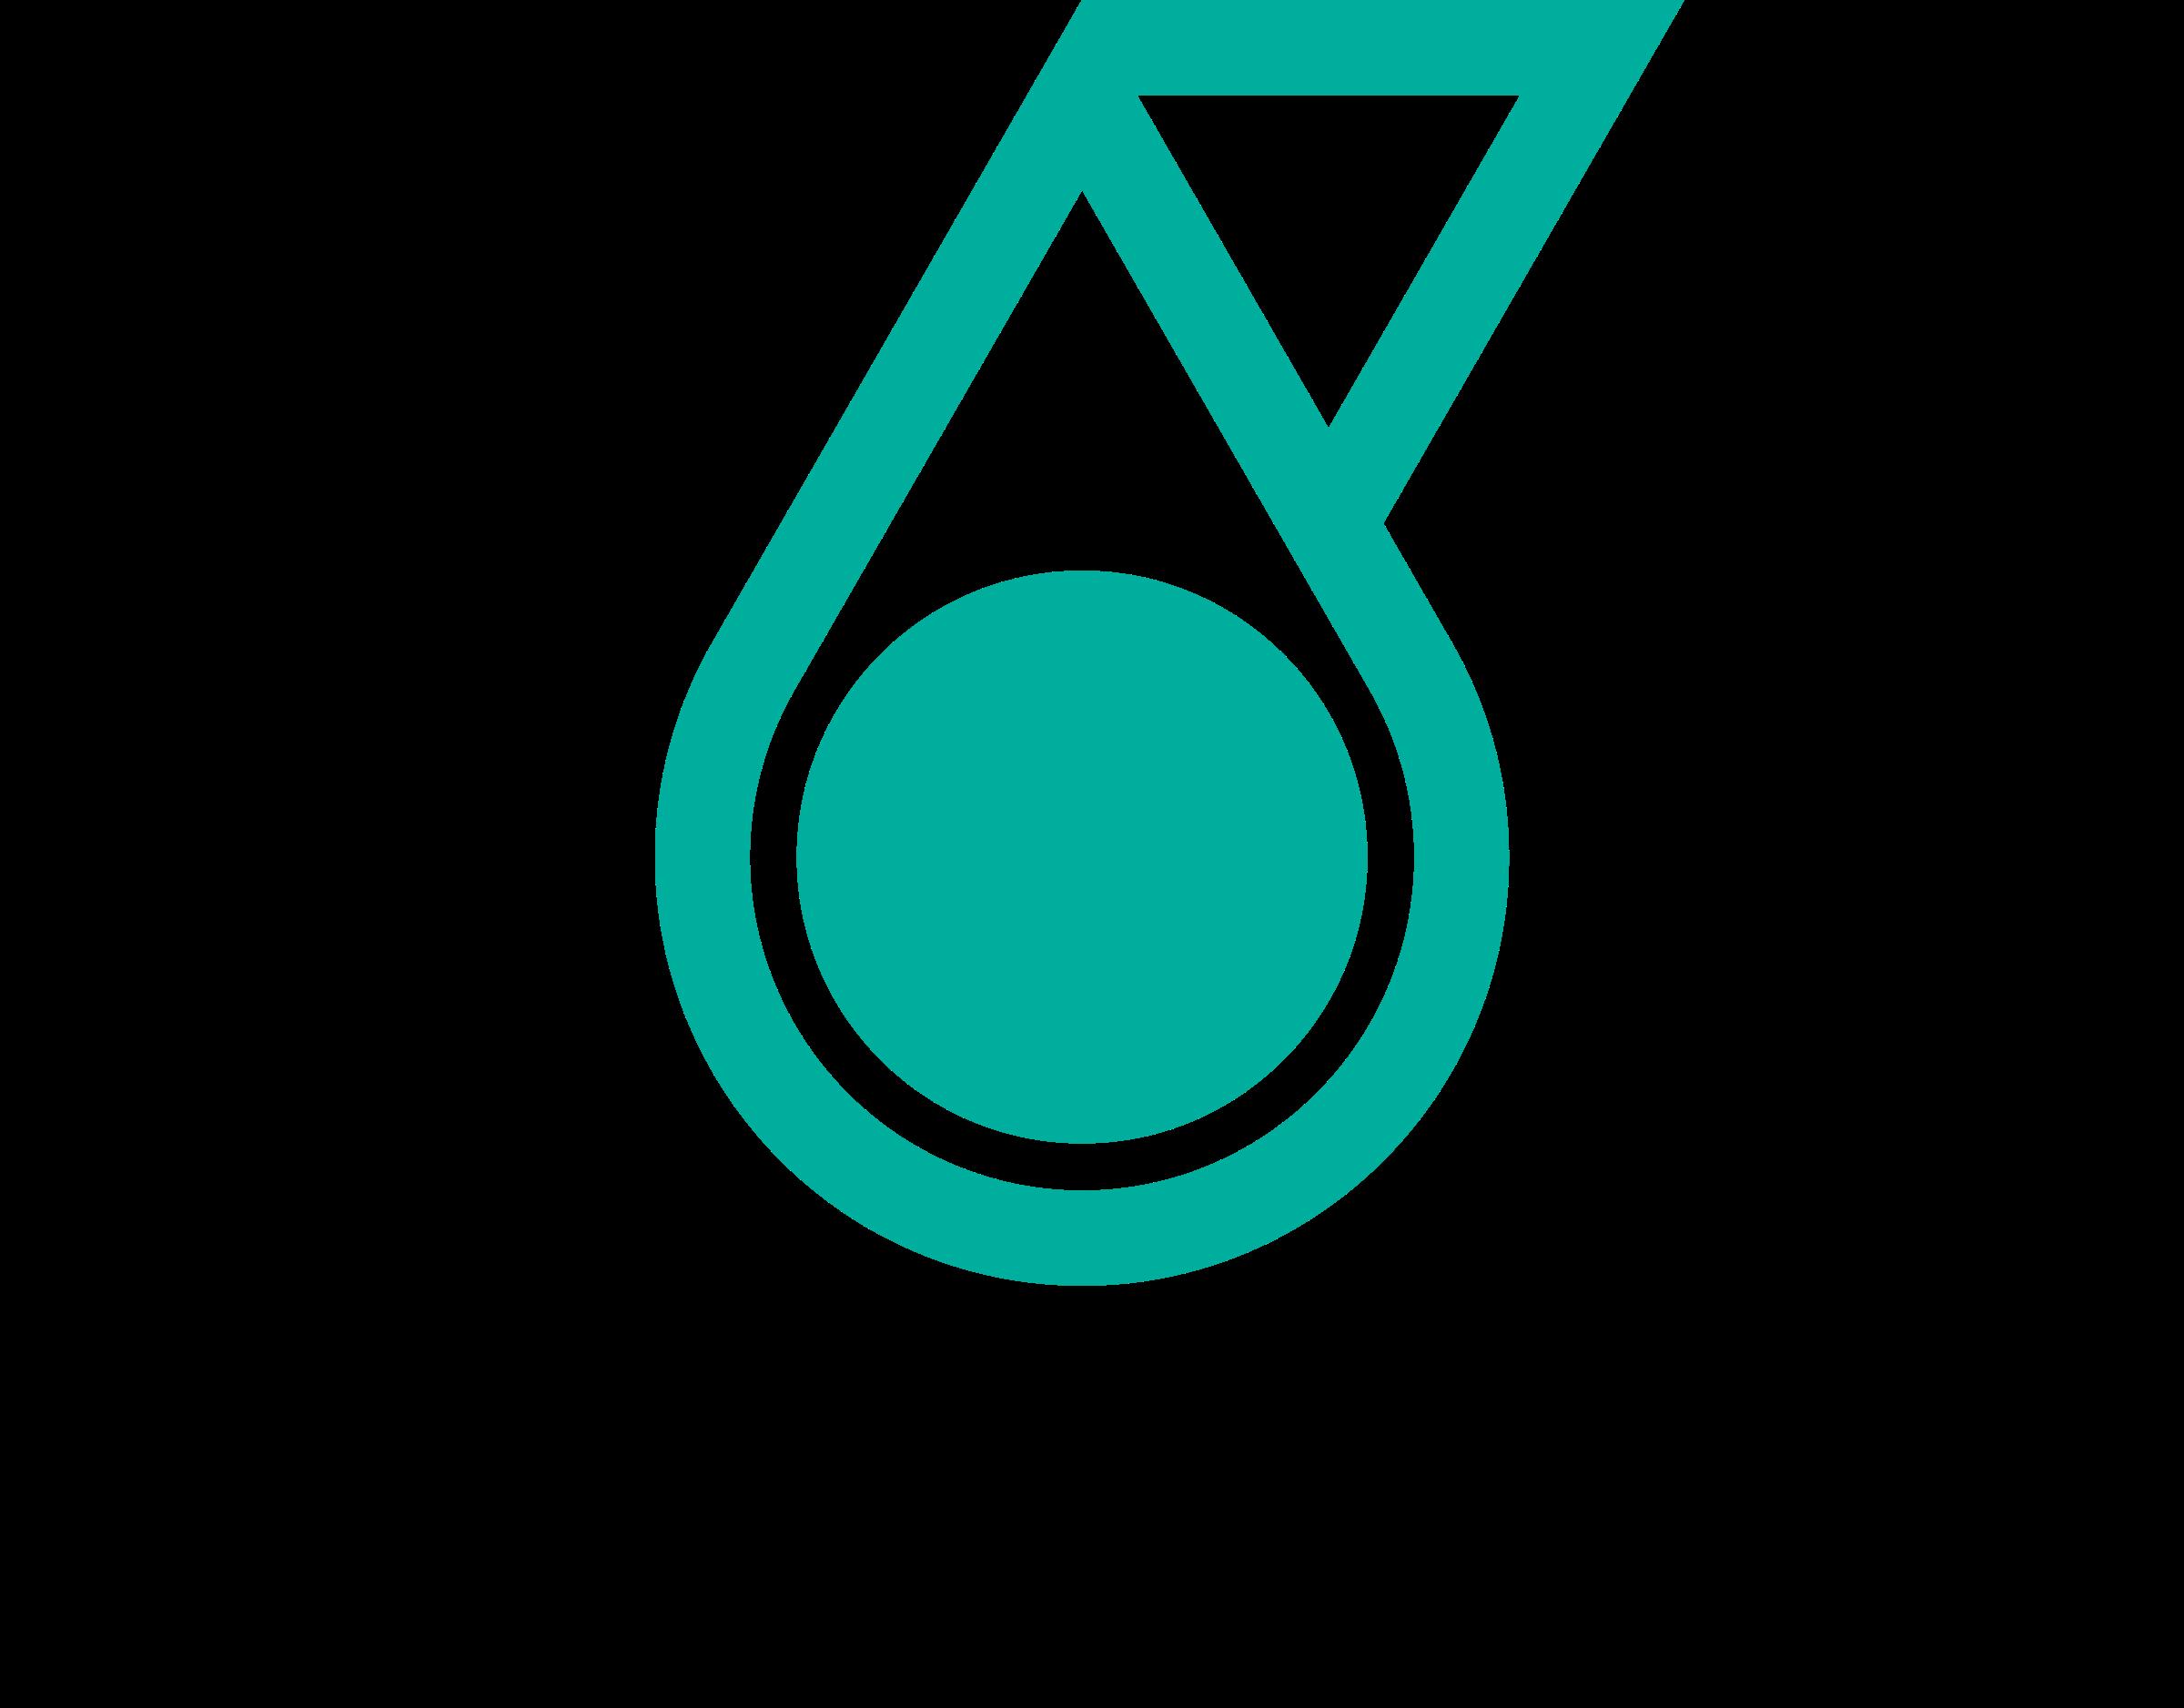 petronas-2-logo-png-transparent